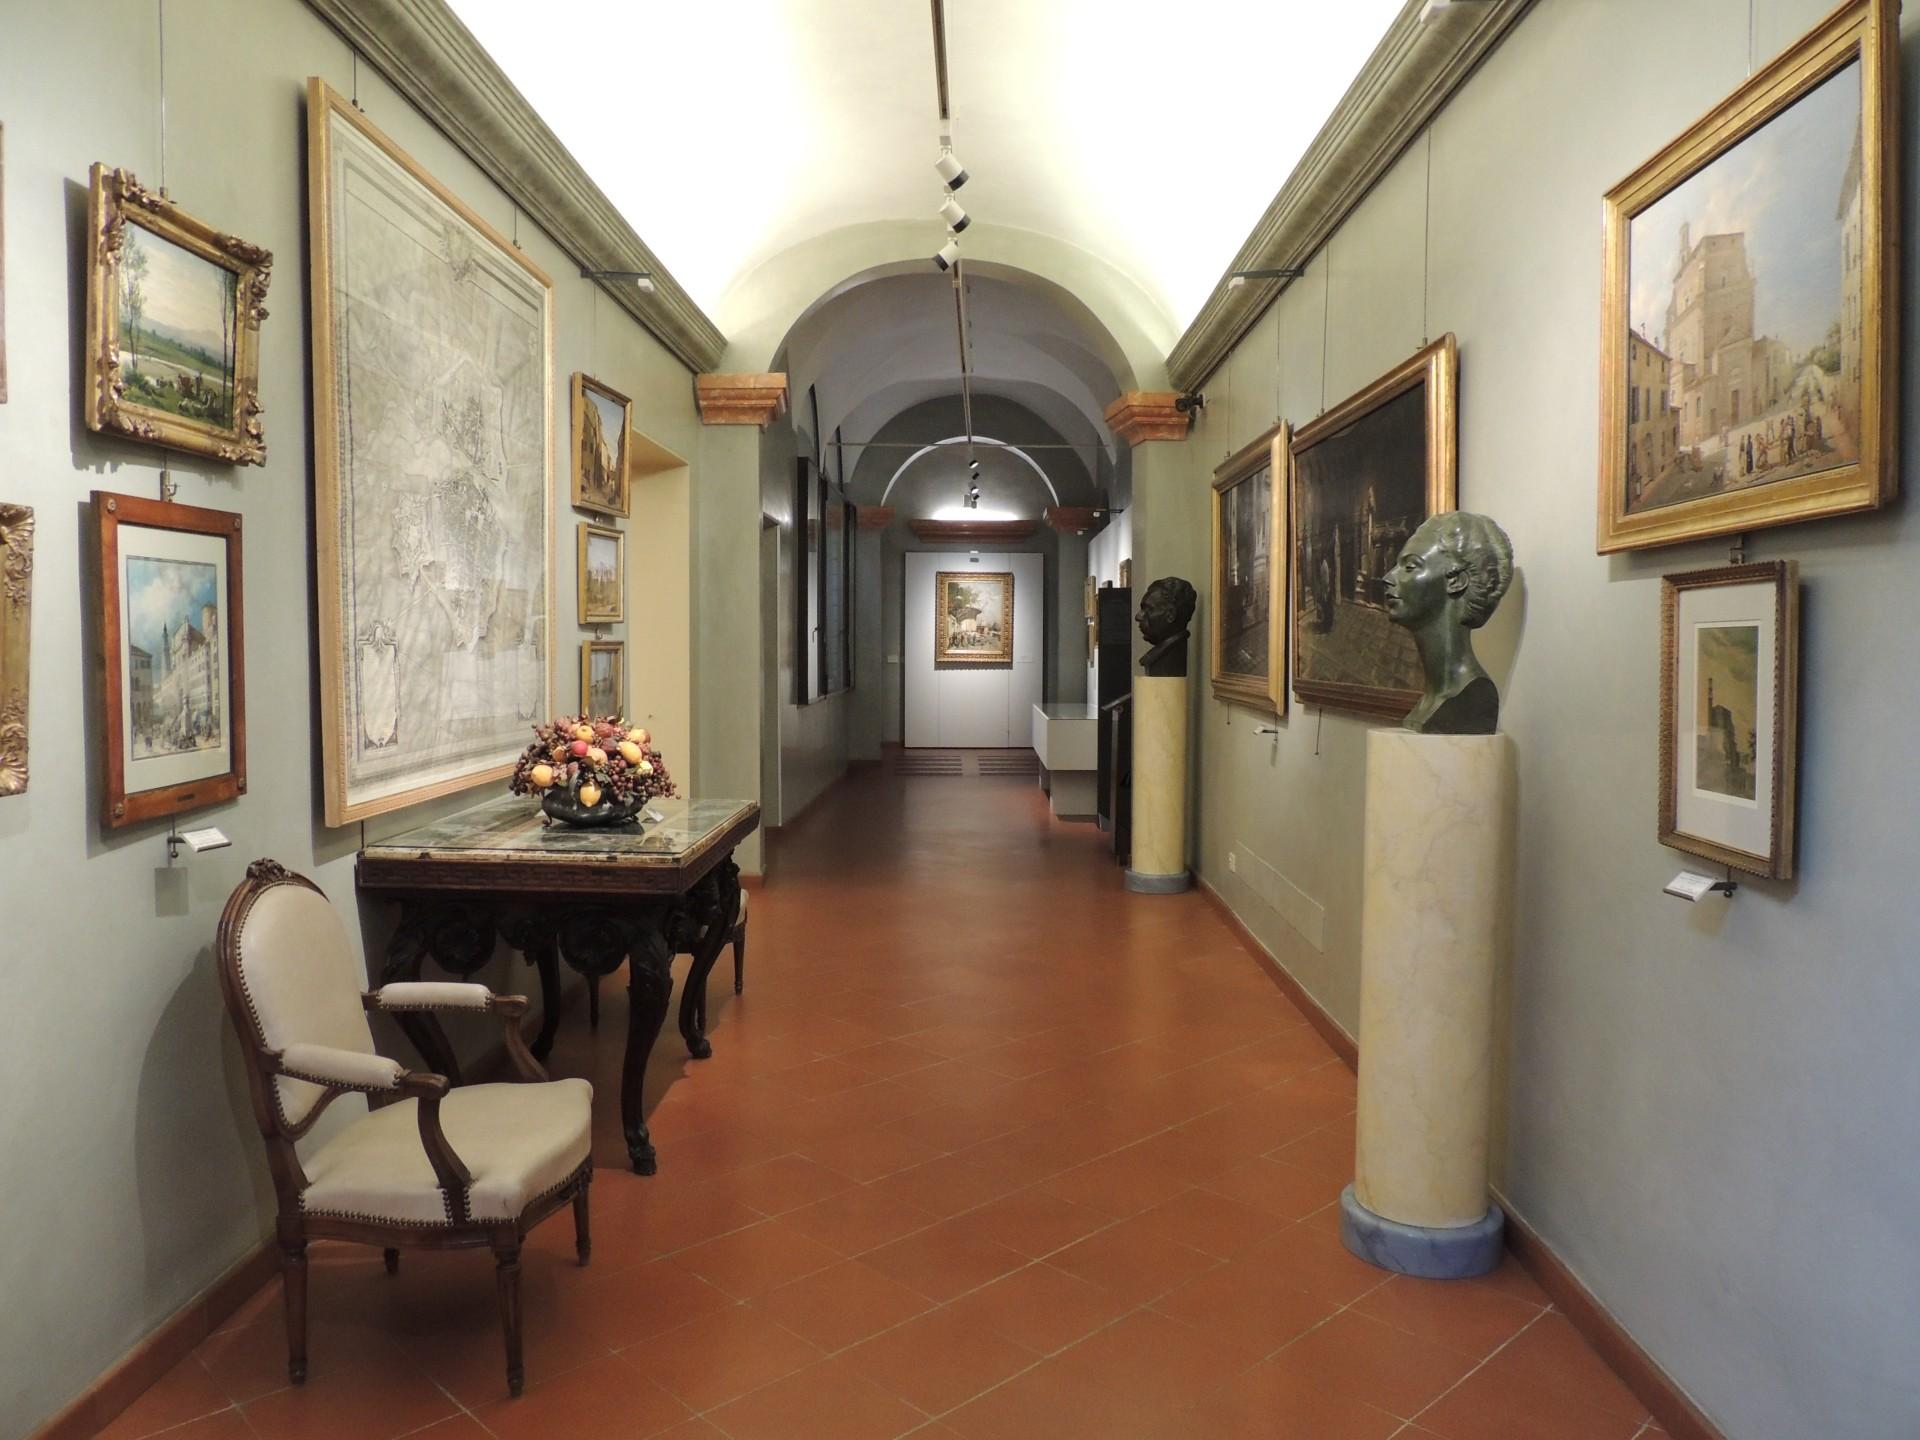 Il calendario delle conferenze d'arte, approfondimenti scientifici a Palazzo Bossi Bocchi